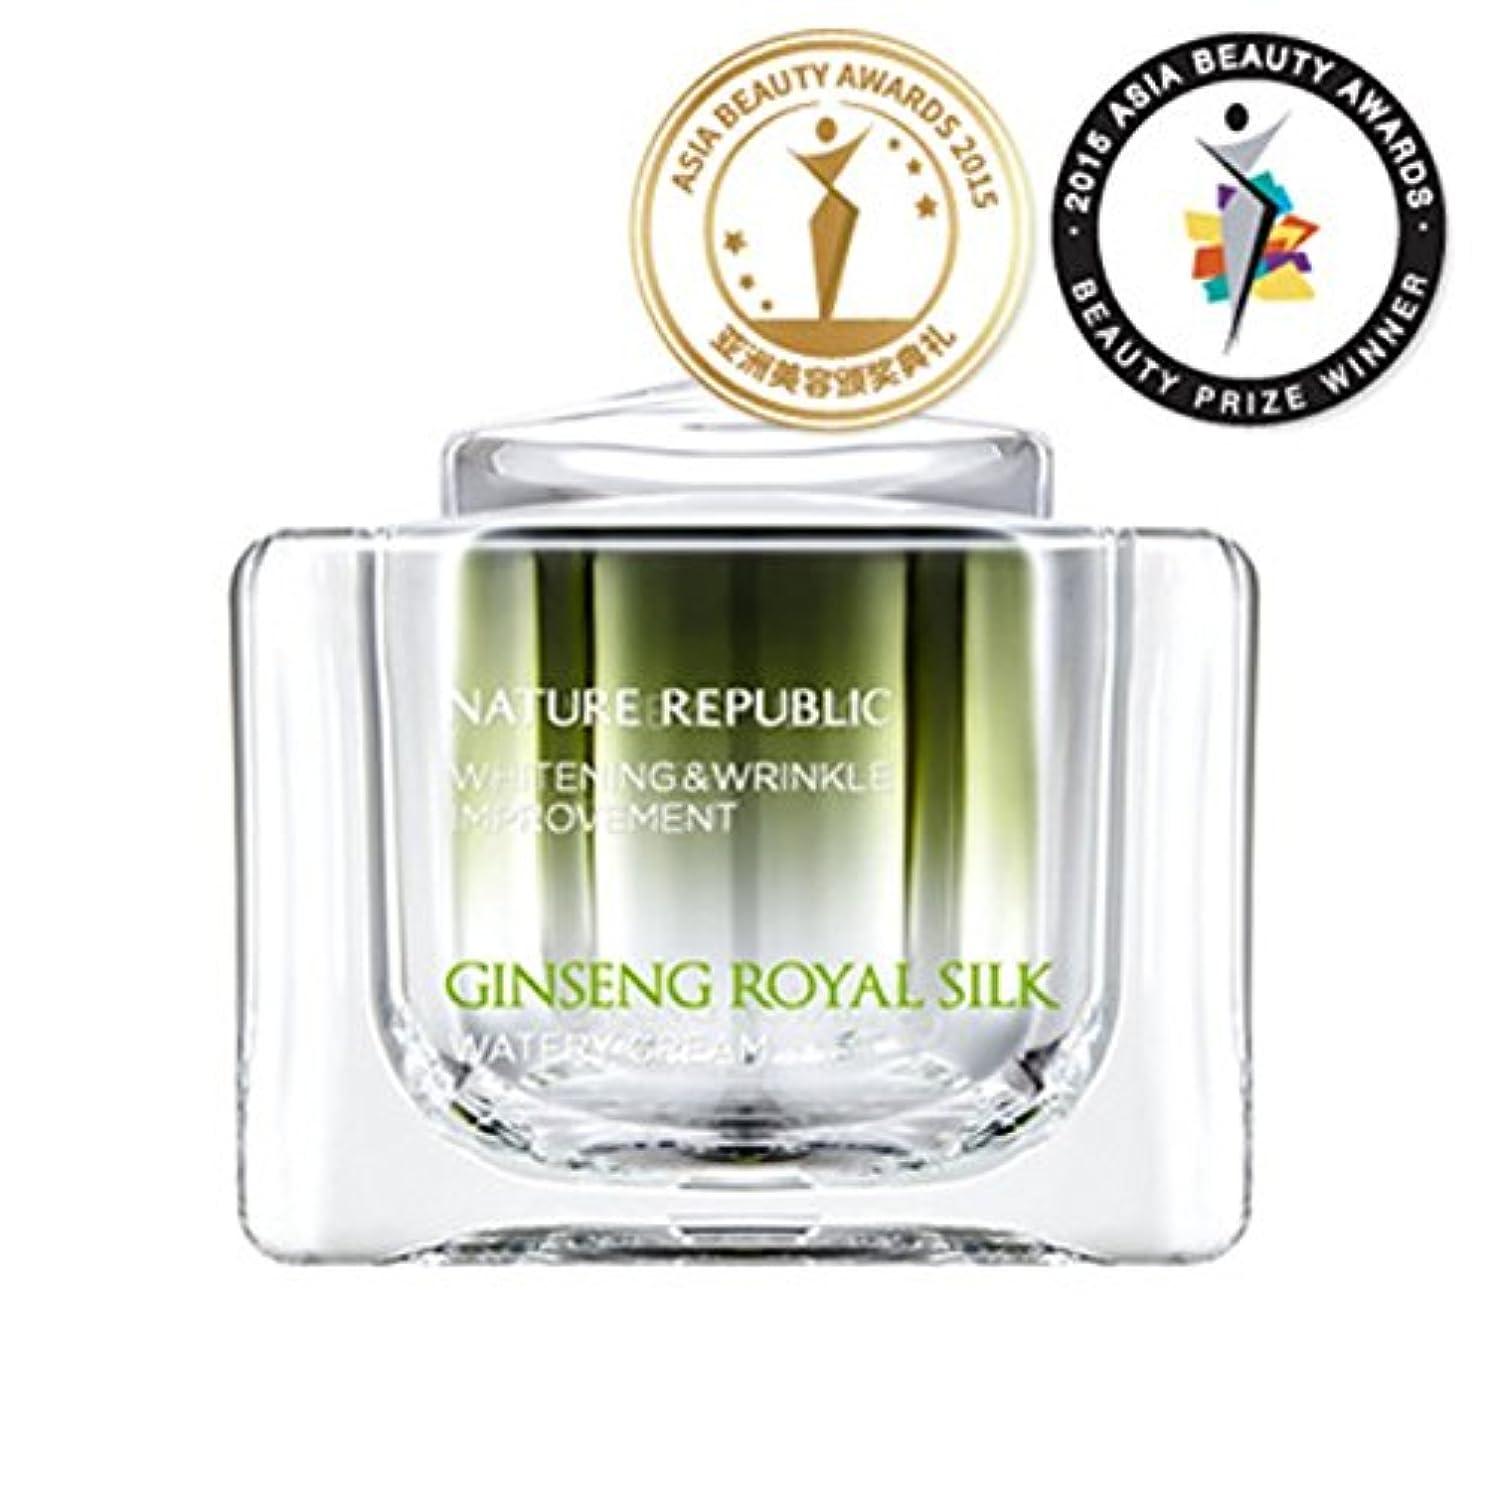 ネイチャーリパブリック [韓国コスメ NATURE REPUBLIC] ジンセン ロイヤル シルク ウォータリー クリーム [海外直送品]Nature Republic, Ginseng Royal silk Watery...